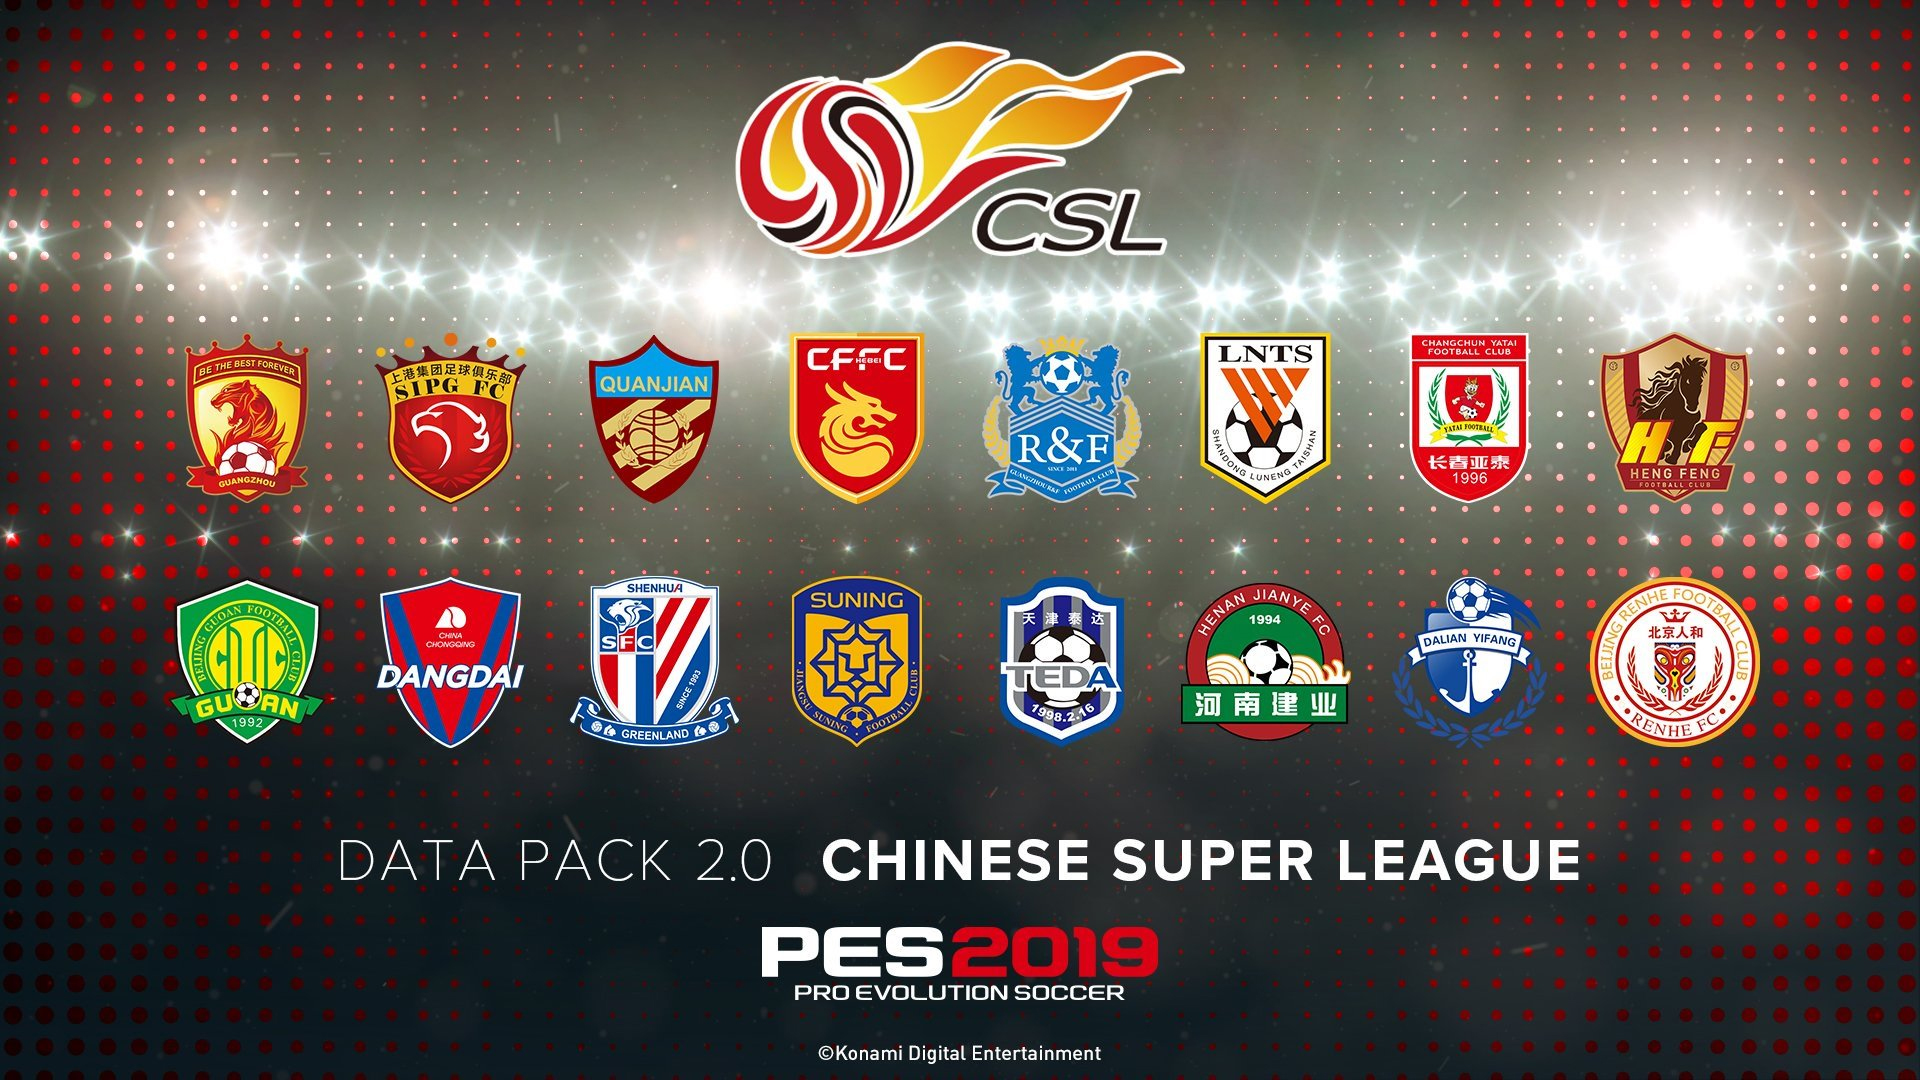 PES 2019 recibirá el Data Pack 2.0 el 25 de octubre